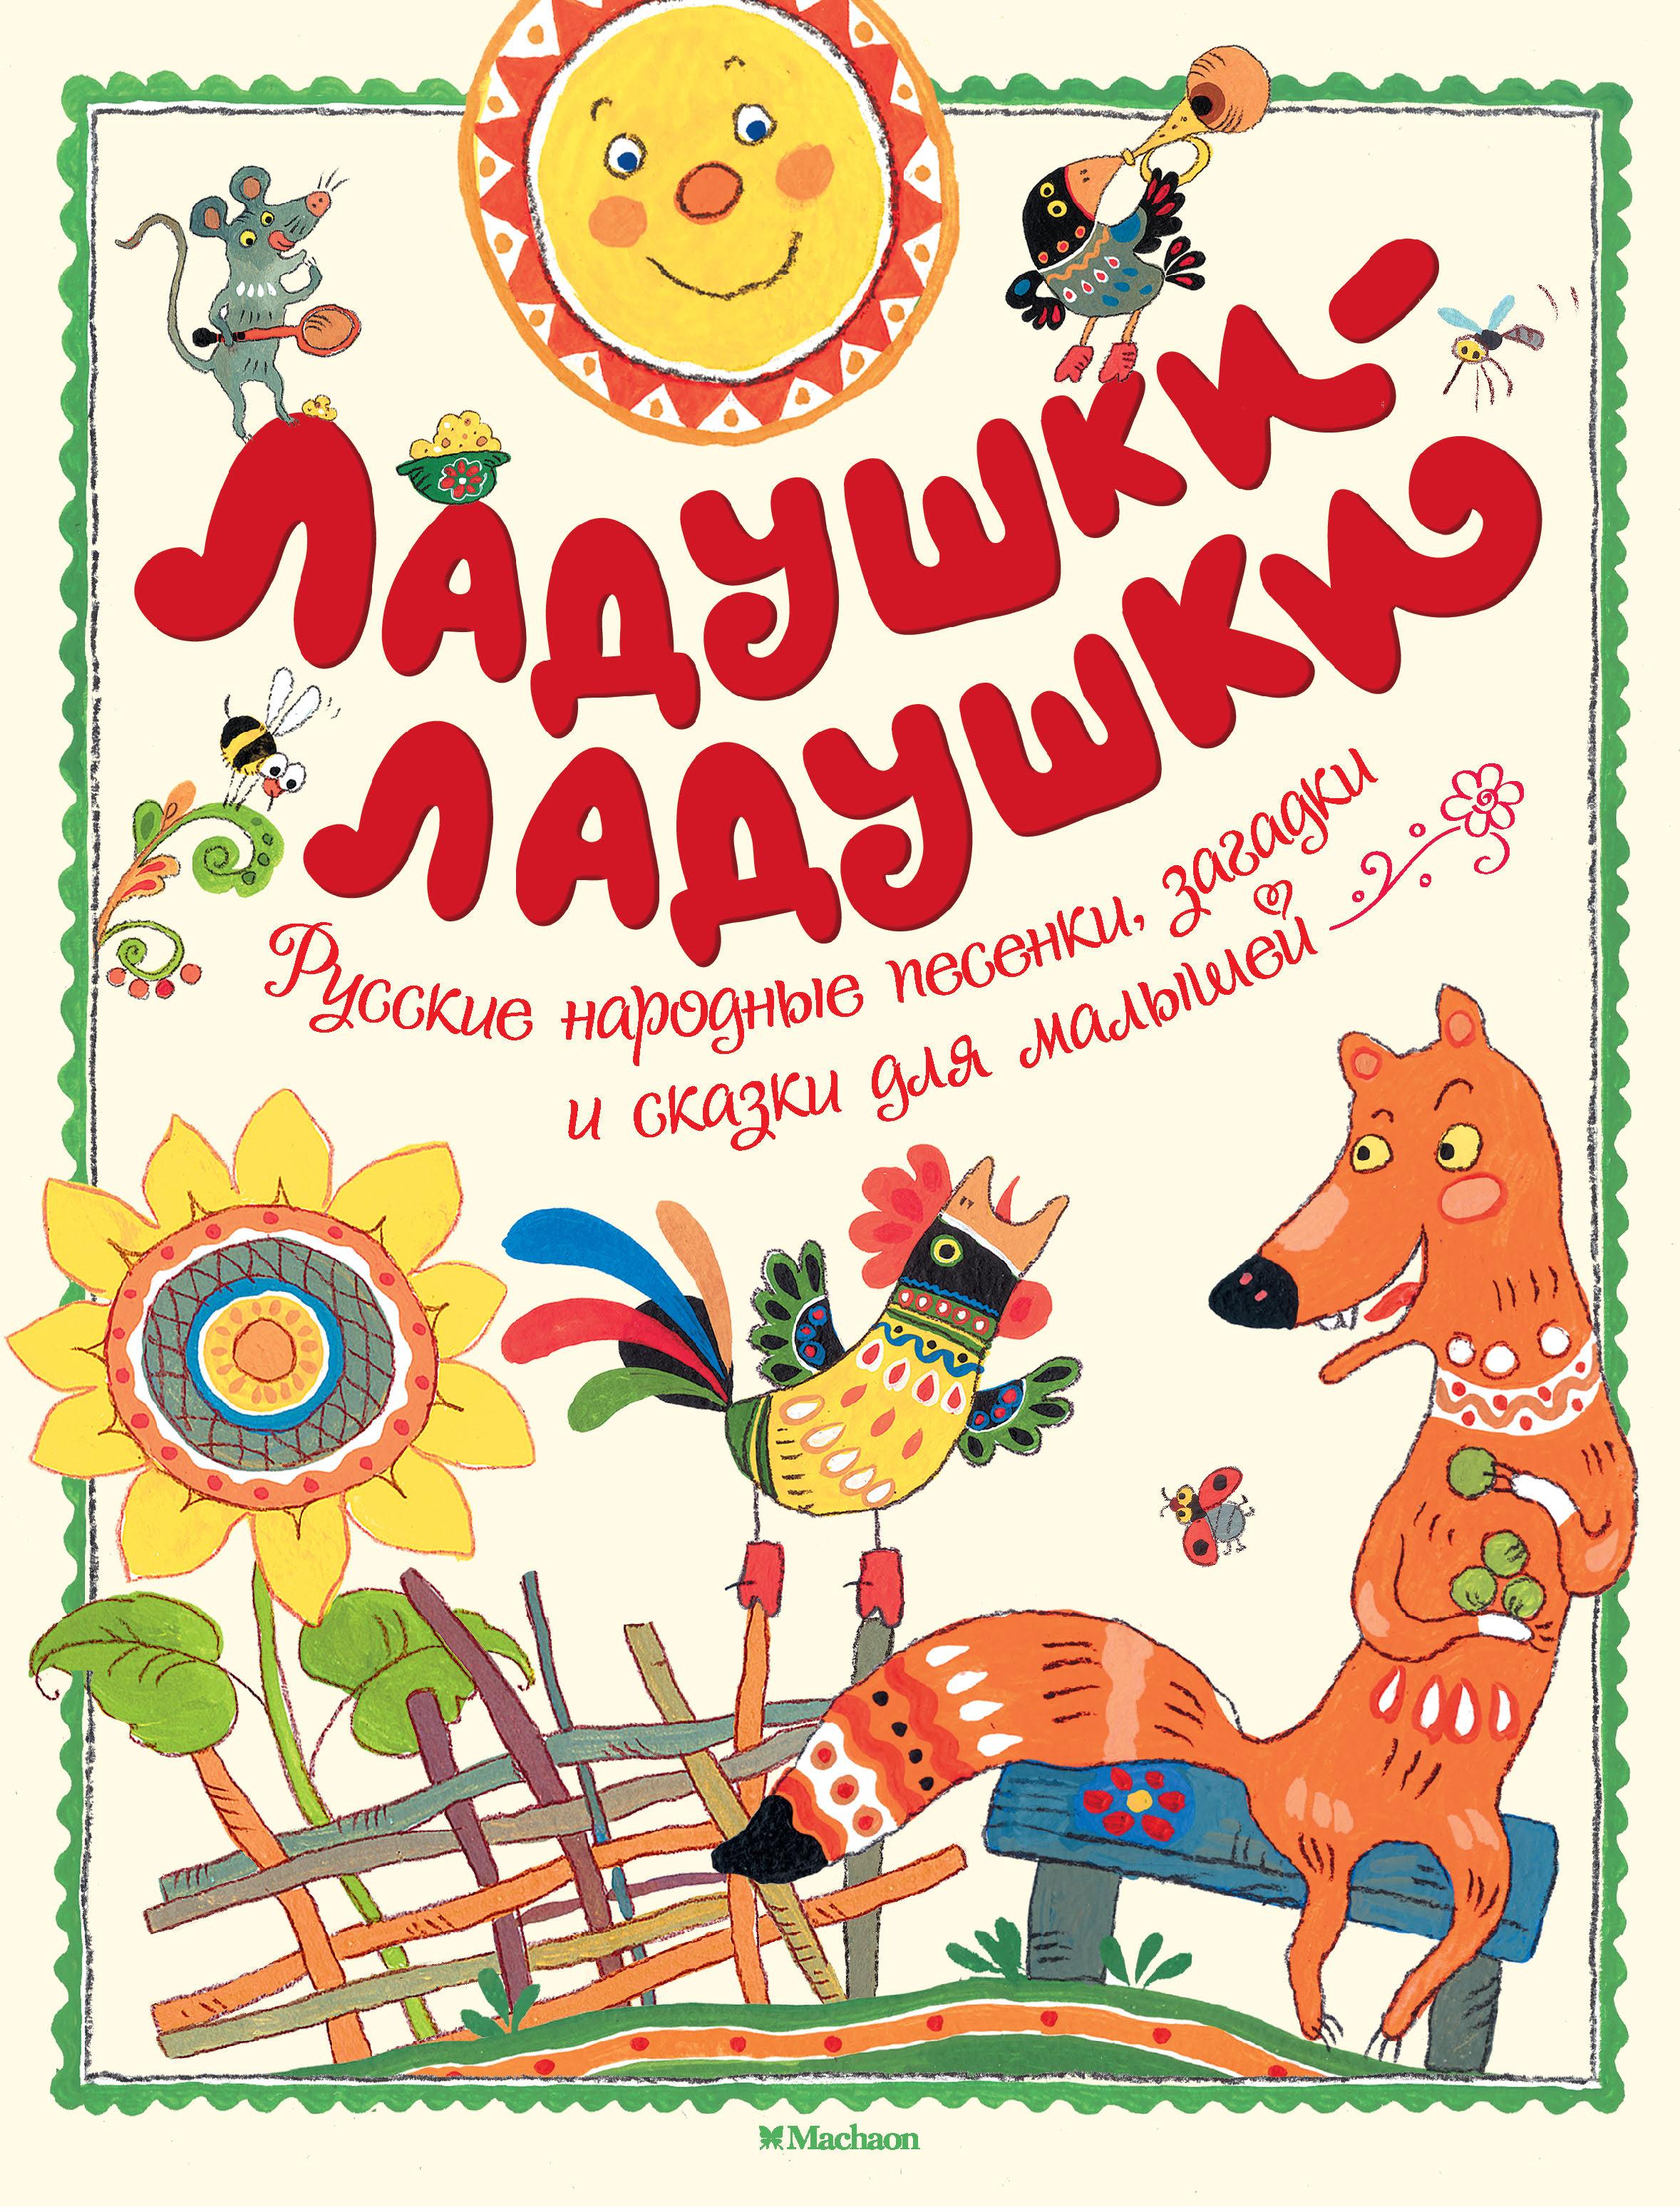 Ладушки-ладушки кузьмин с сост чудесная полянка русские народные сказки загадки считалки скороговорки колыбельные и песенки потешки